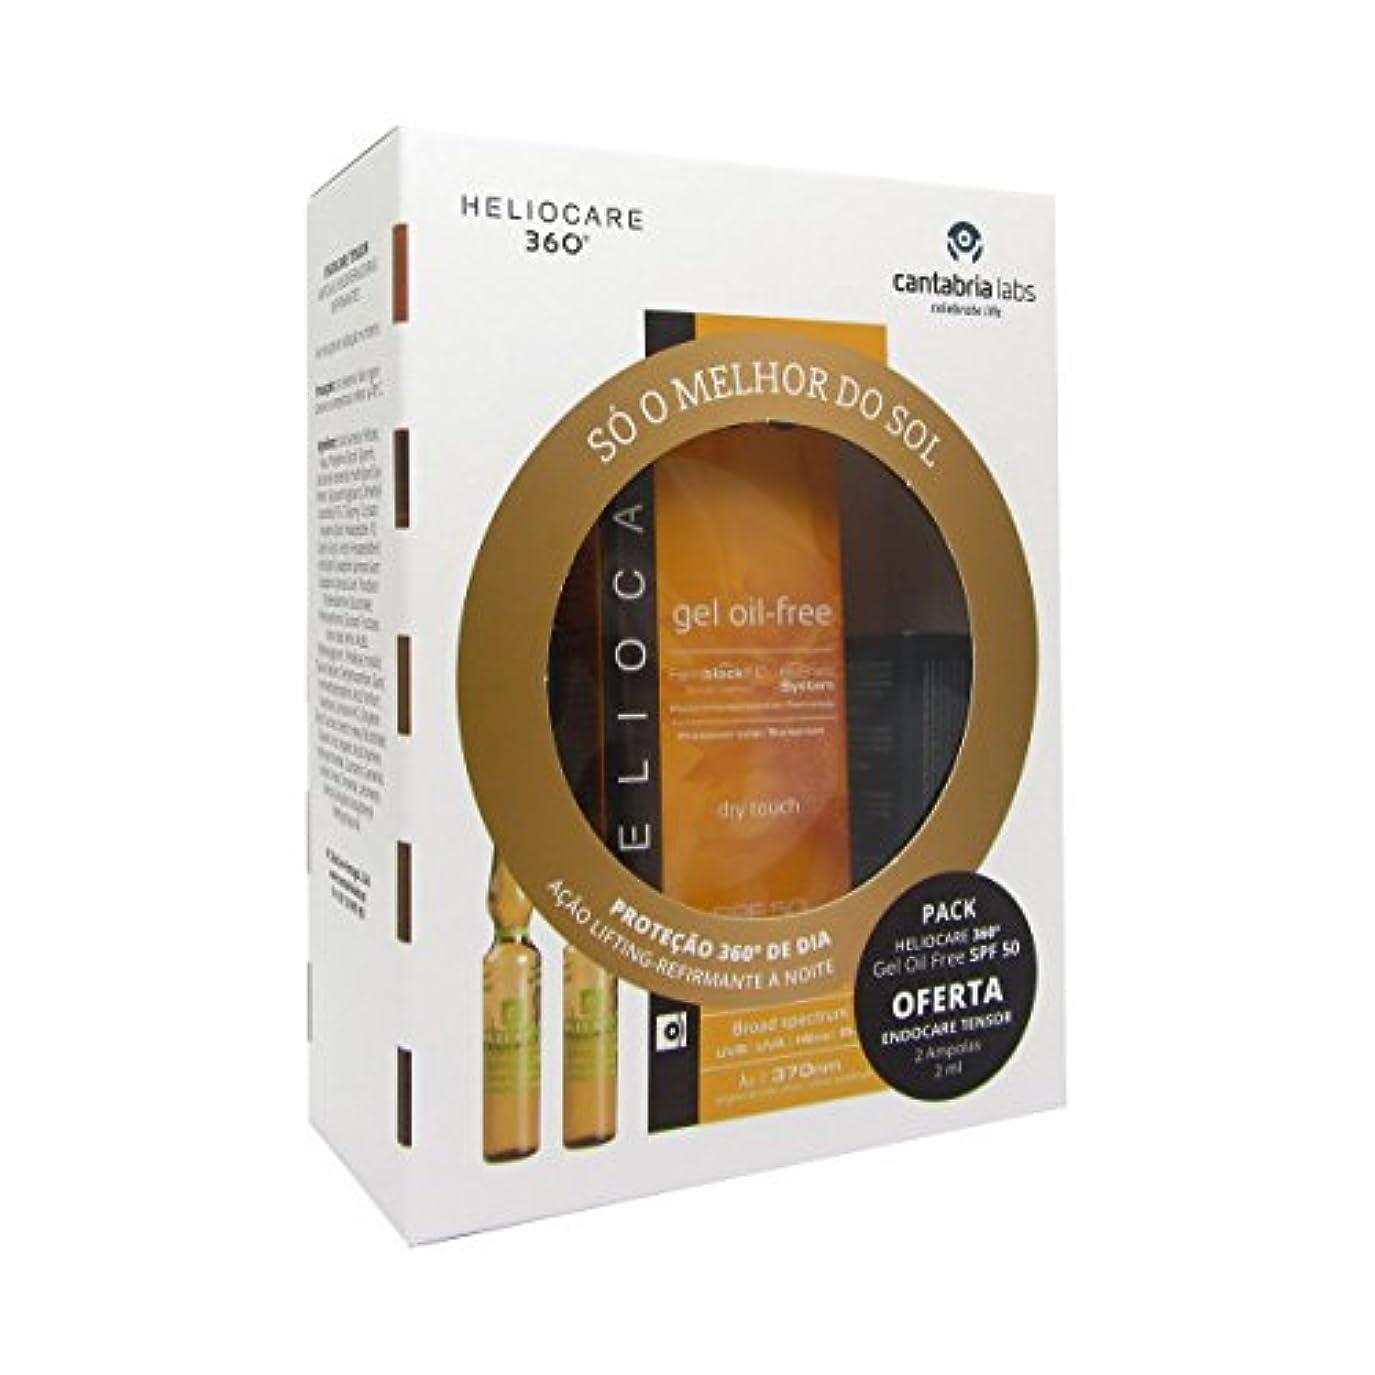 かかわらず拒絶する時折Heliocare 360 Gel Oil Free Spf50 50ml + Endocare Tensor Ampoules2x2ml [並行輸入品]